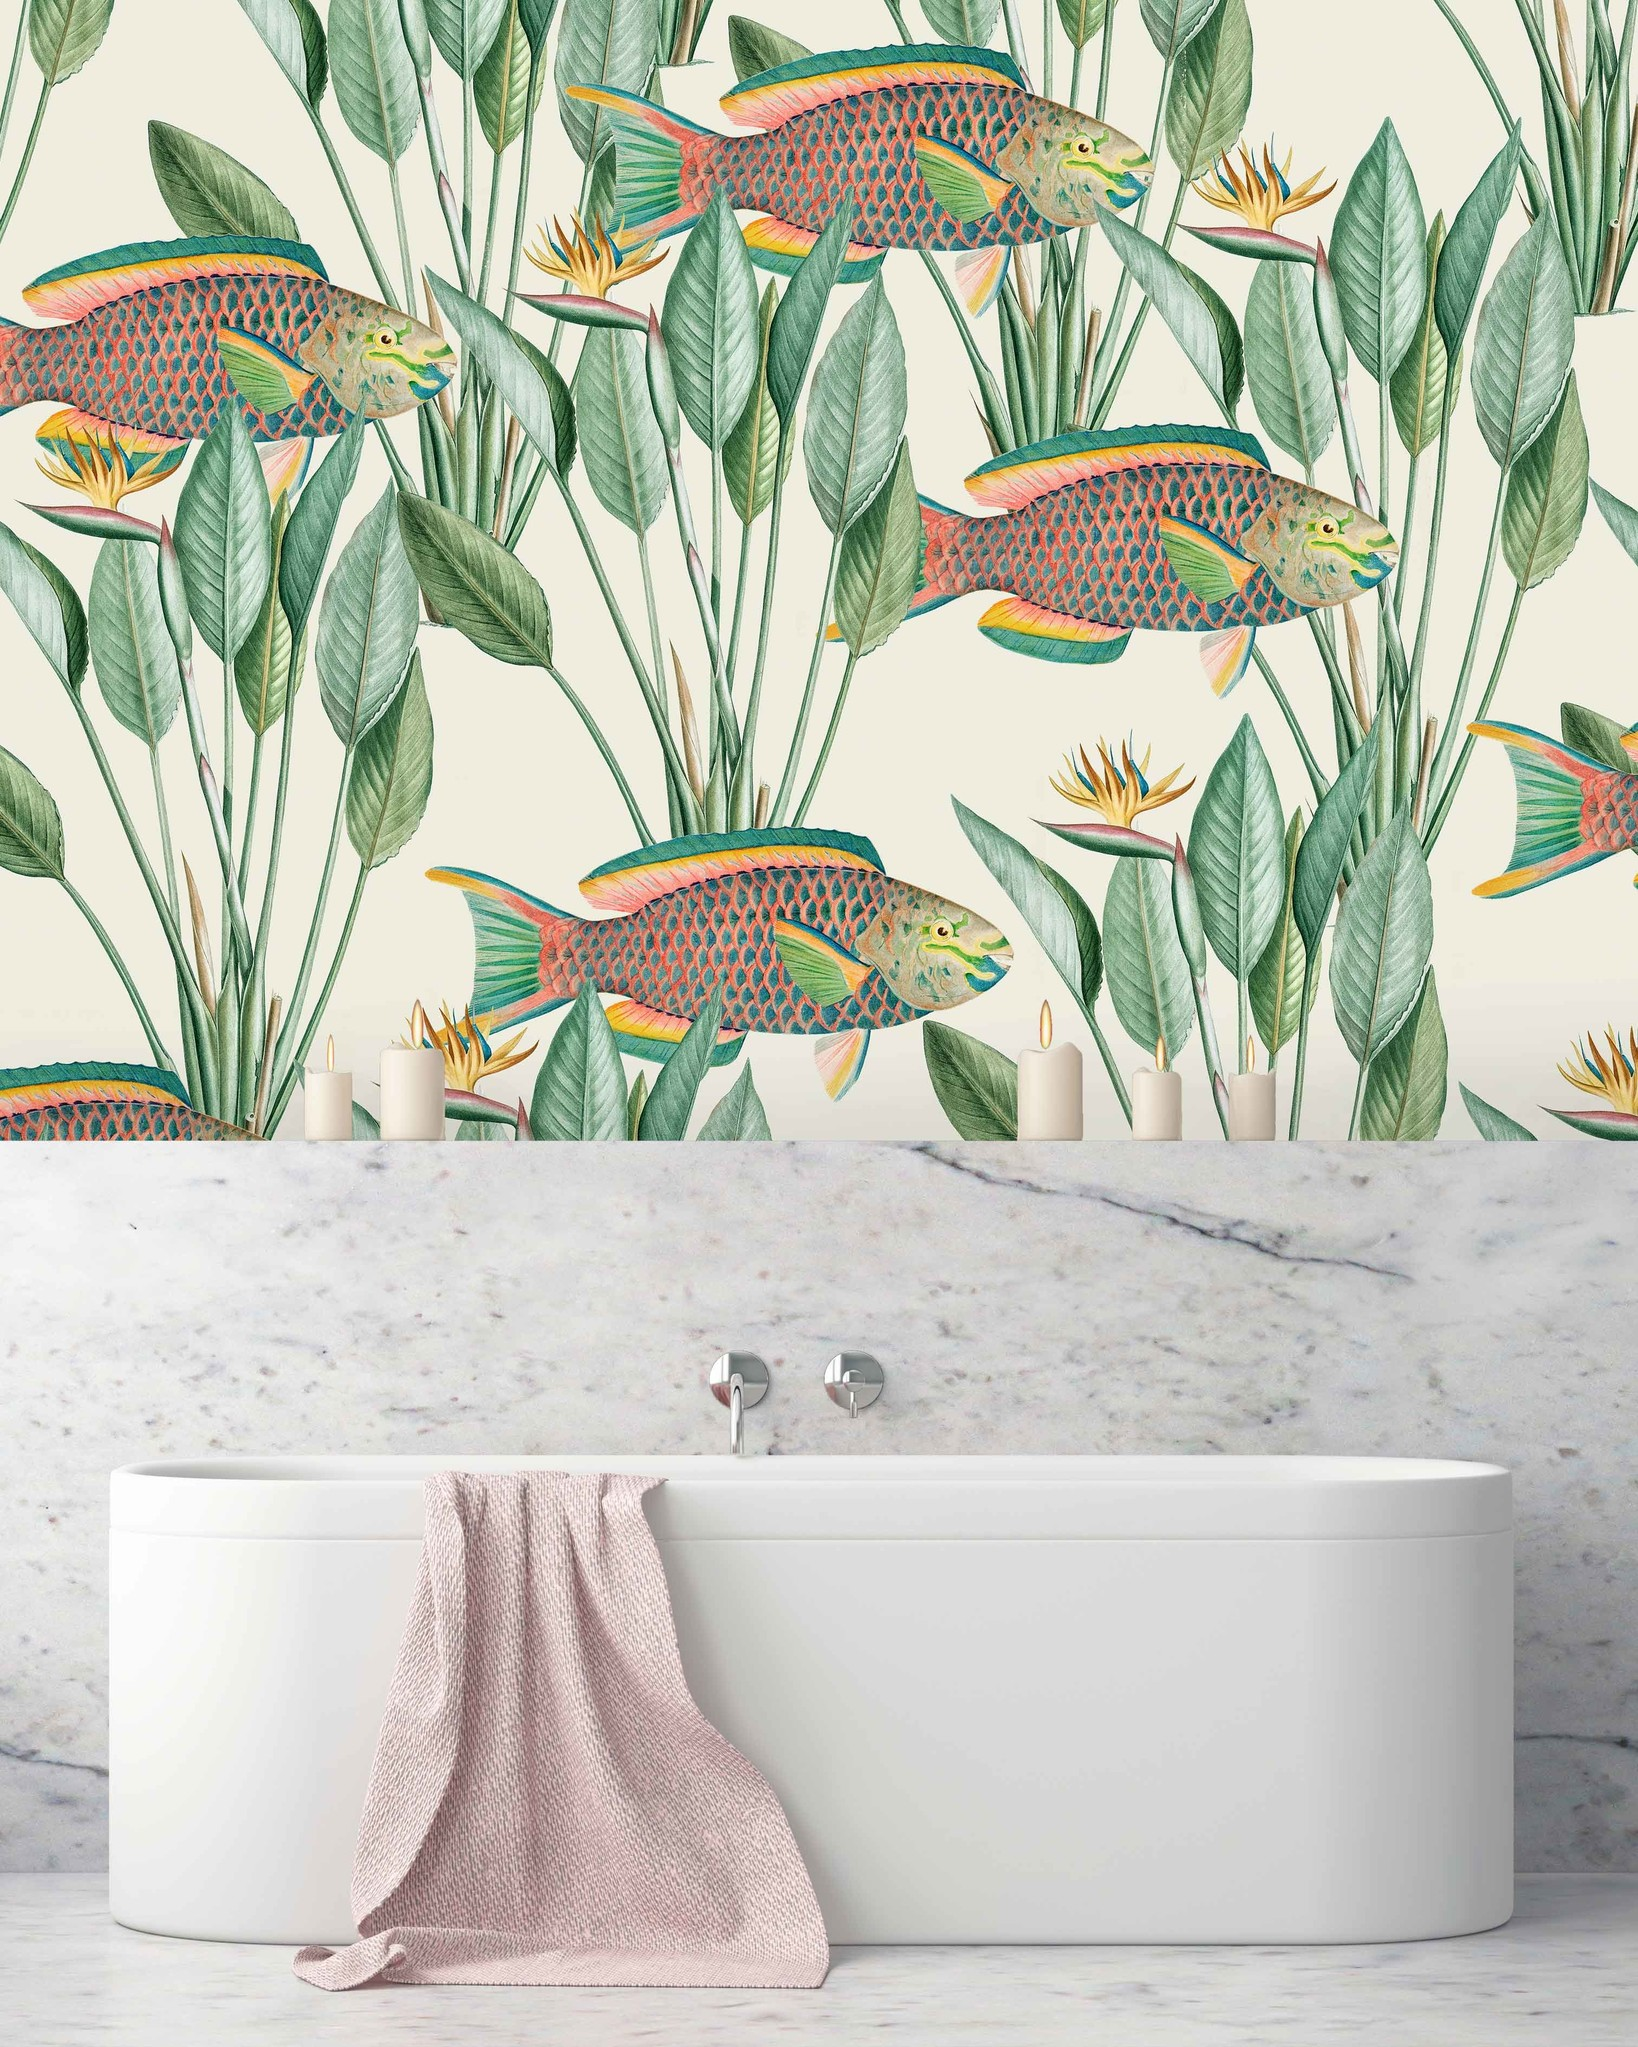 Parrot Fish Bathroom Wallpaper, Fish Wallpaper For Bathroom